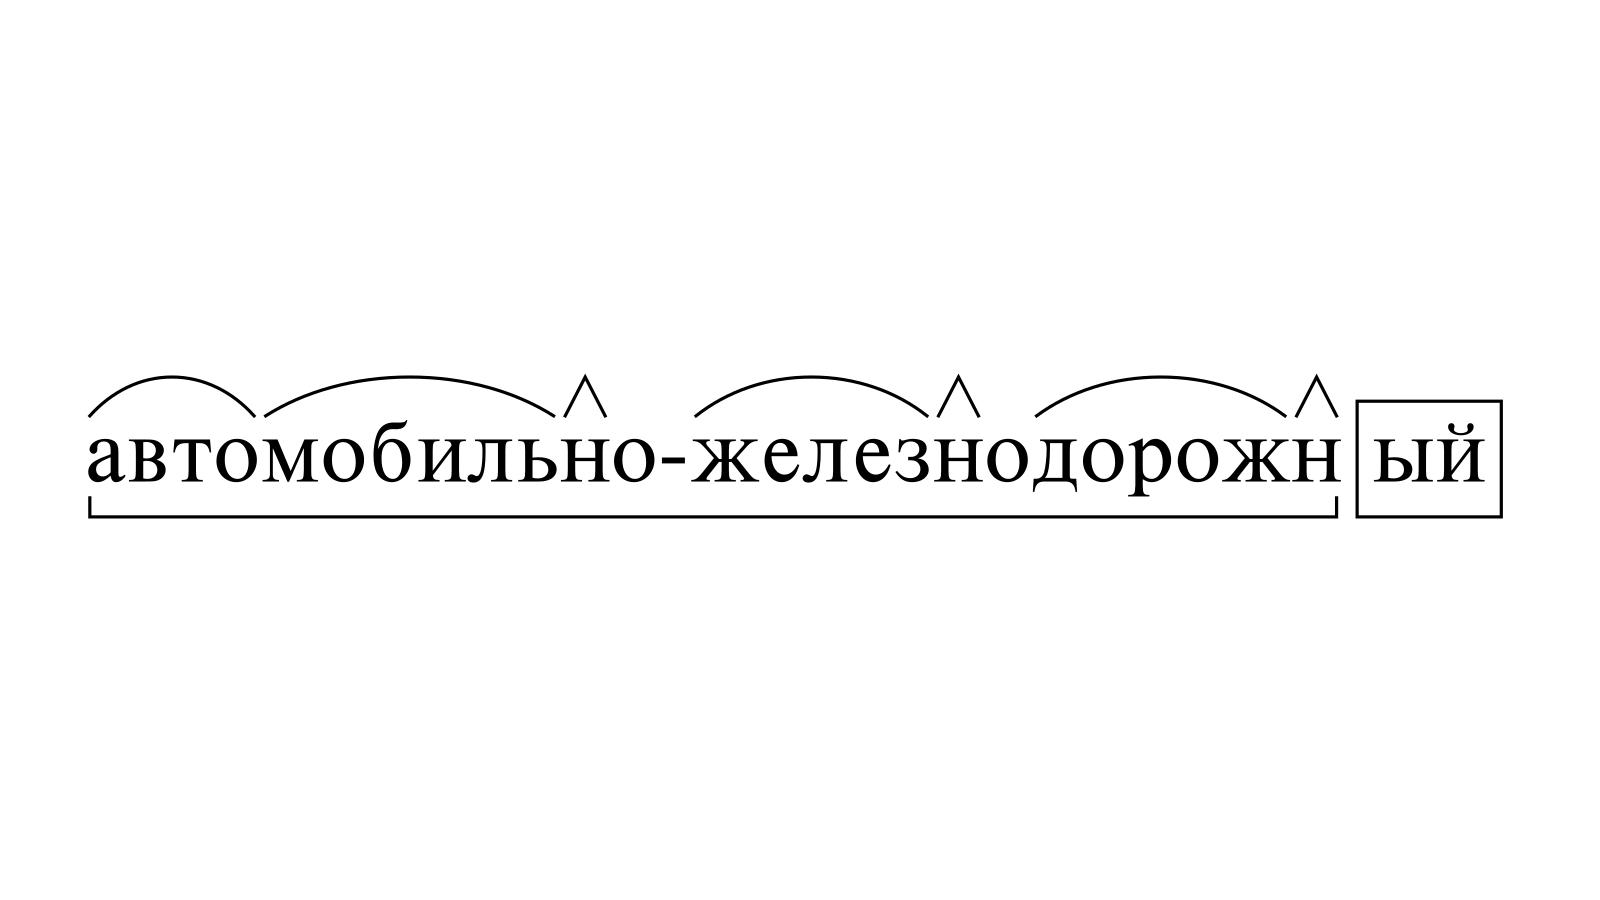 Разбор слова «автомобильно-железнодорожный» по составу